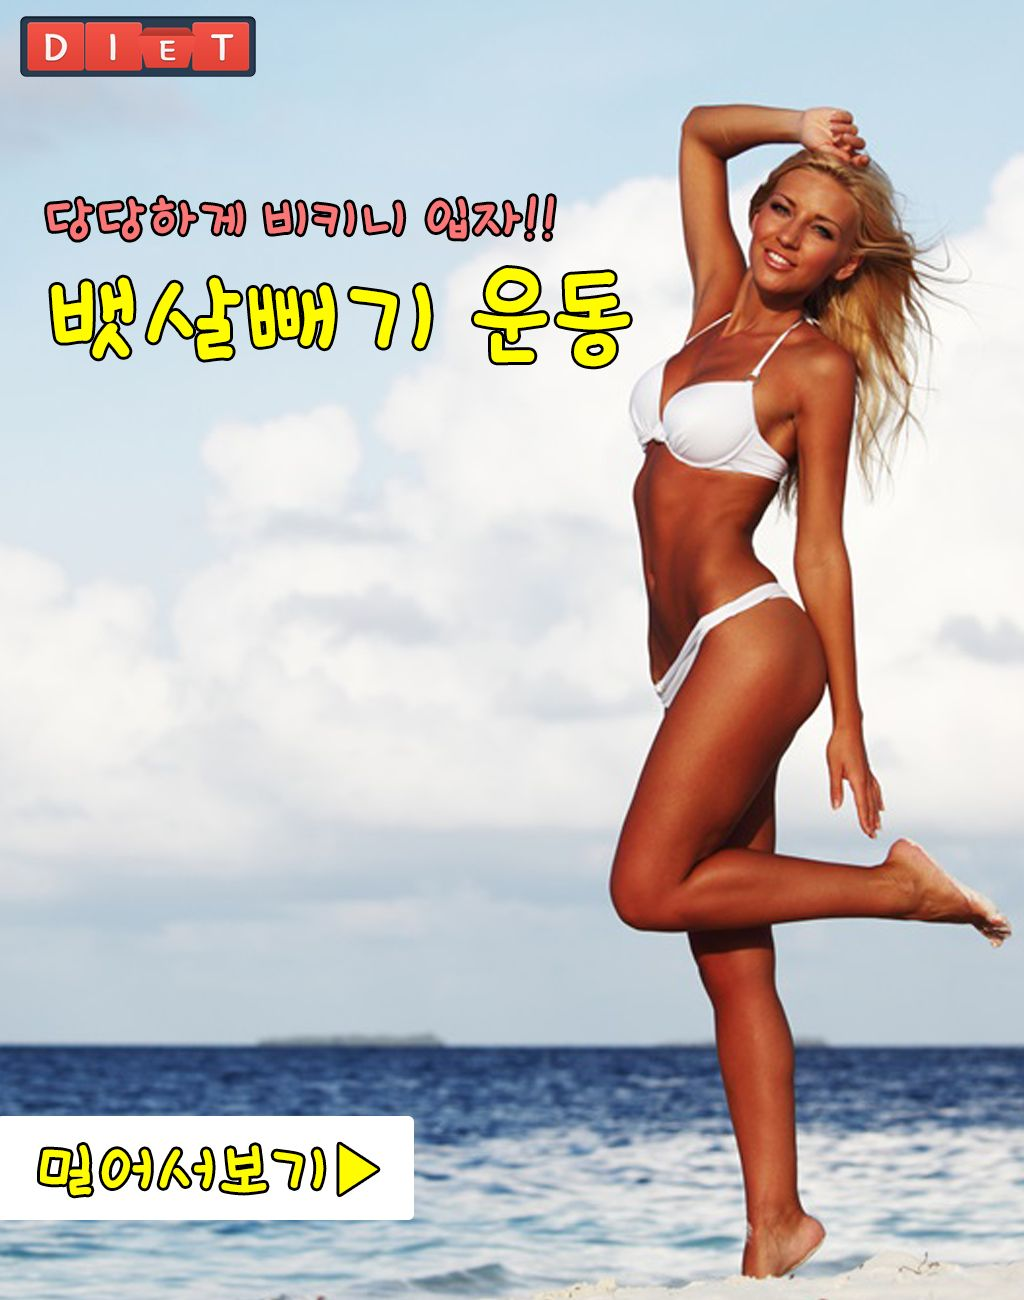 [운동]뱃살빼기-쟁기자세,균형잡기